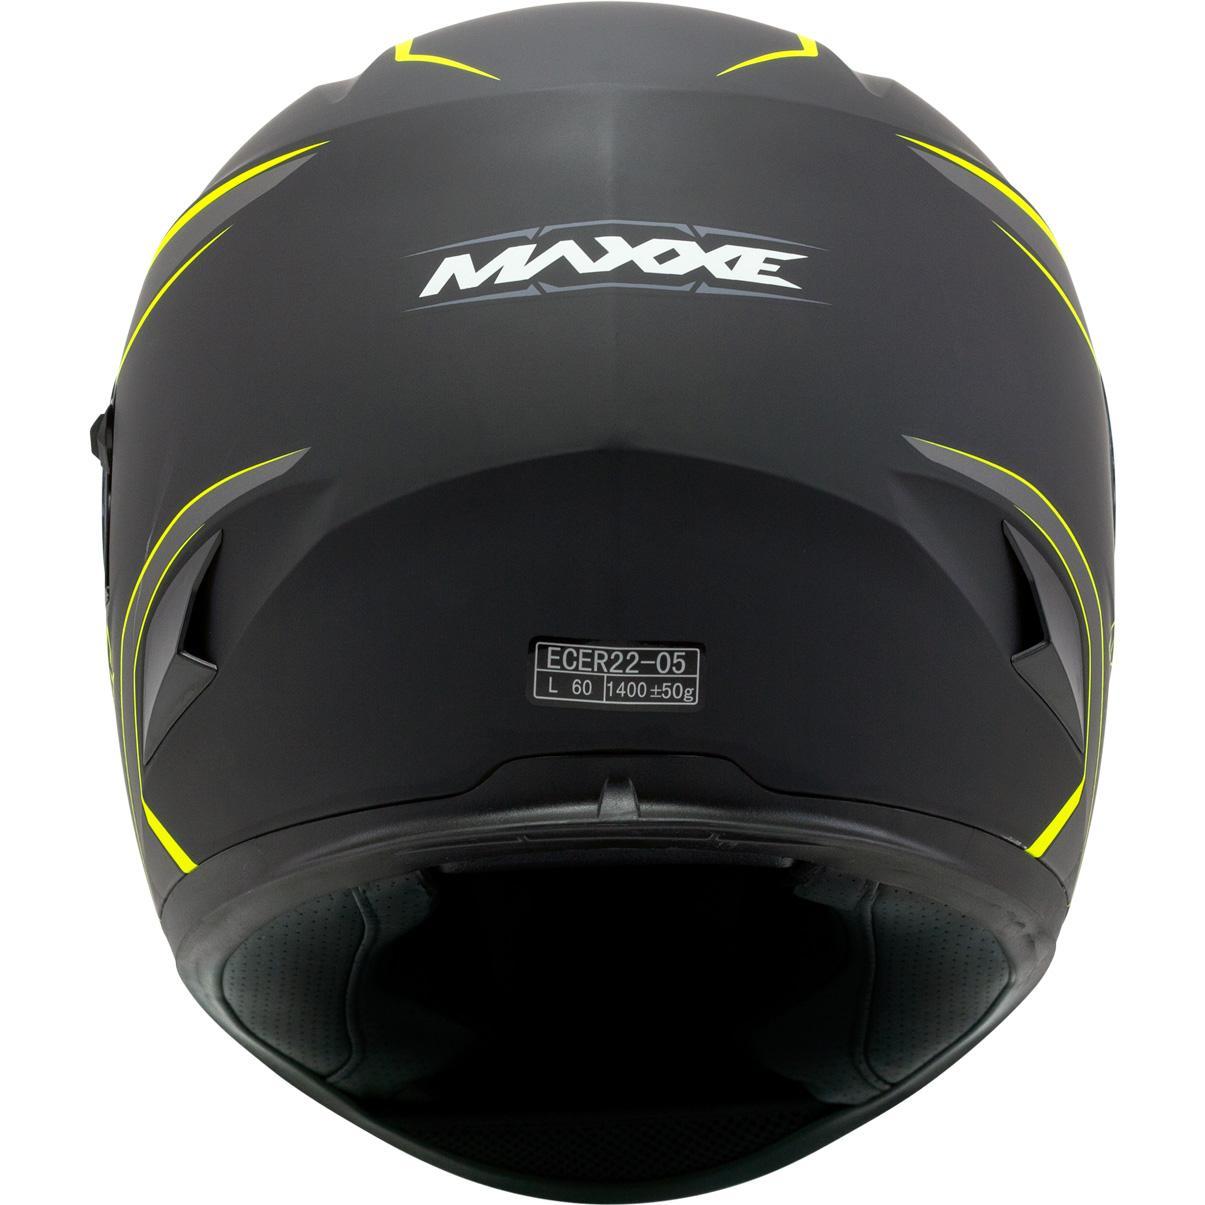 MAXXE-casque-street-image-9634492